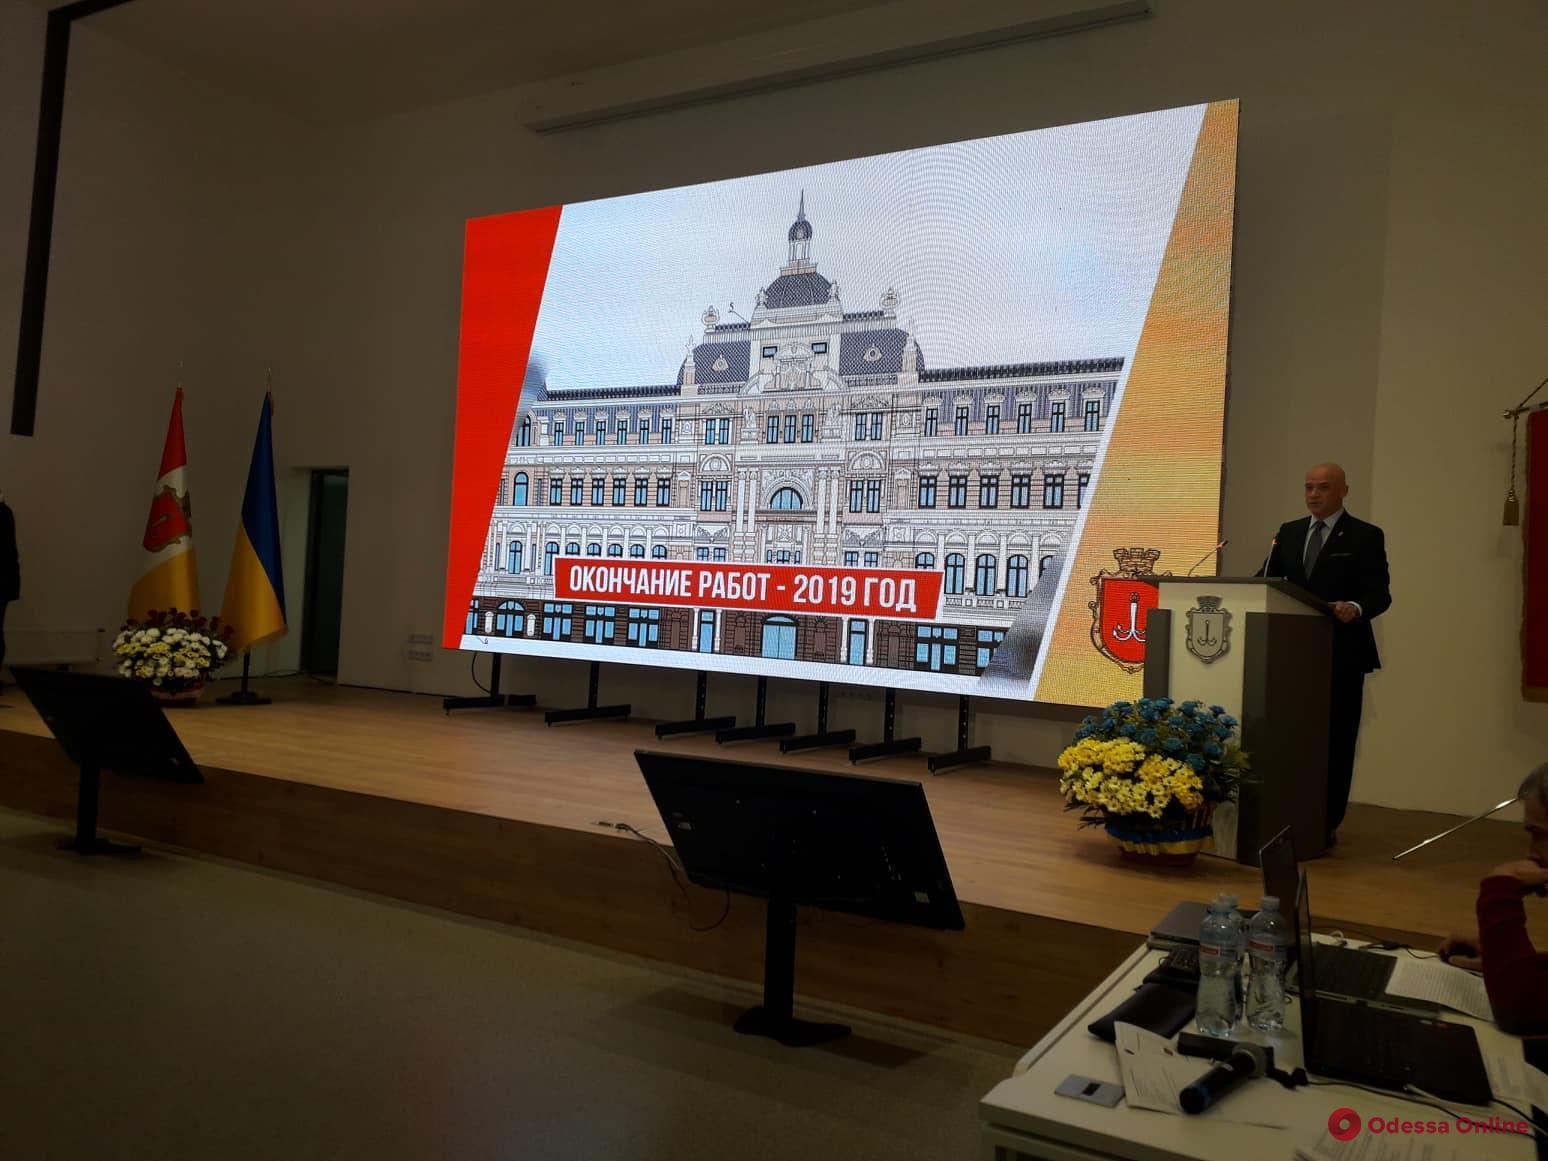 Отчет мэра Одессы: реставрация дома Руссова, строительство школы и ликвидация очередей в детсады